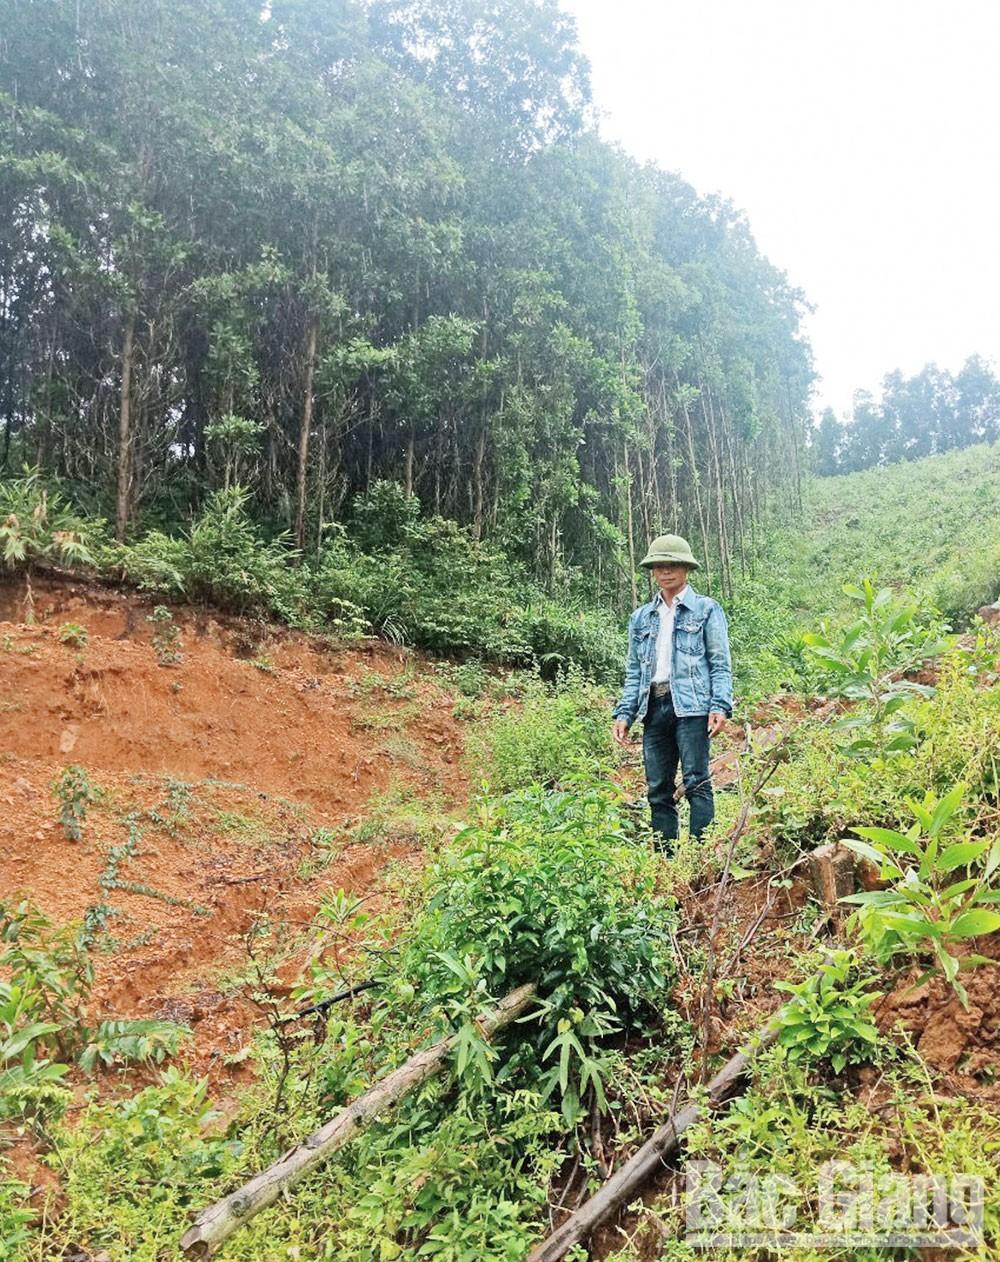 Bắc Giang, trồng rừng, giống cây, chất lượng, sản xuất